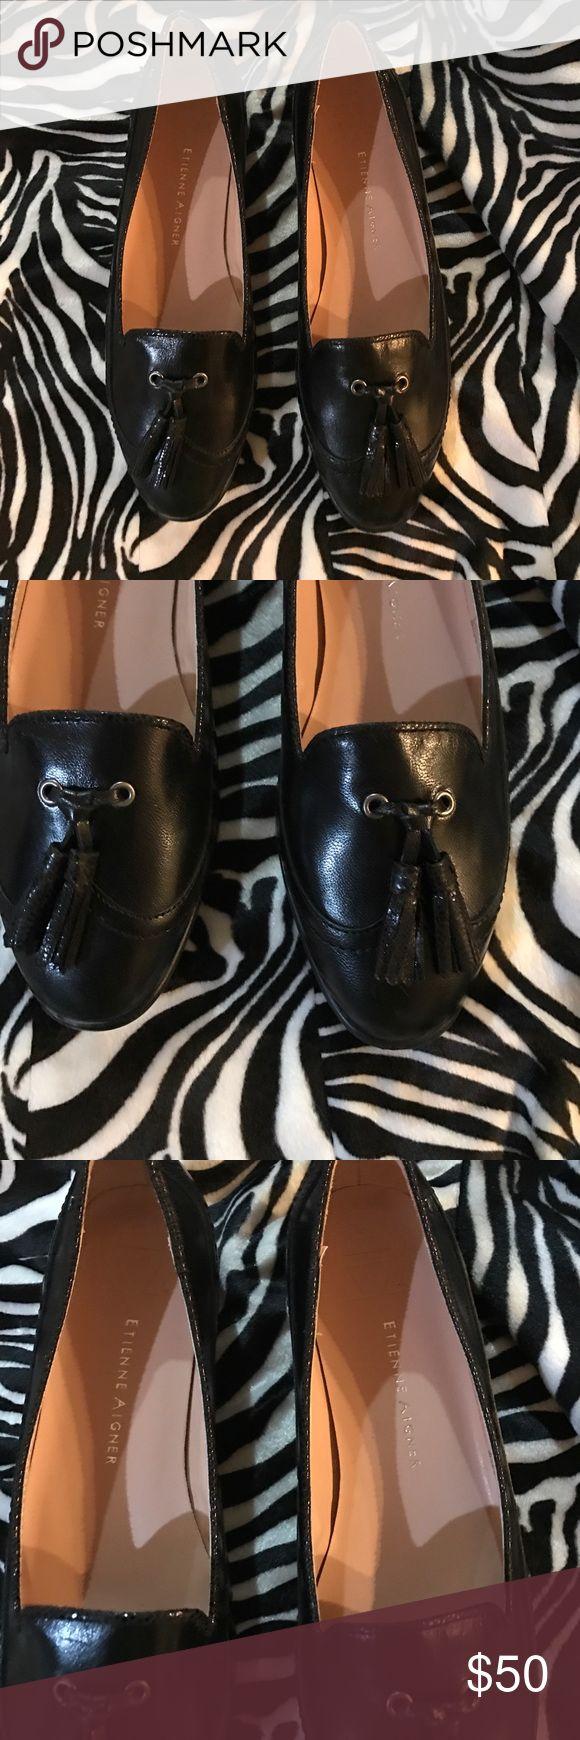 Etienne aigner black leather gloves -  Etienne Aigner Shoes Ladies Sz 7 1 2m